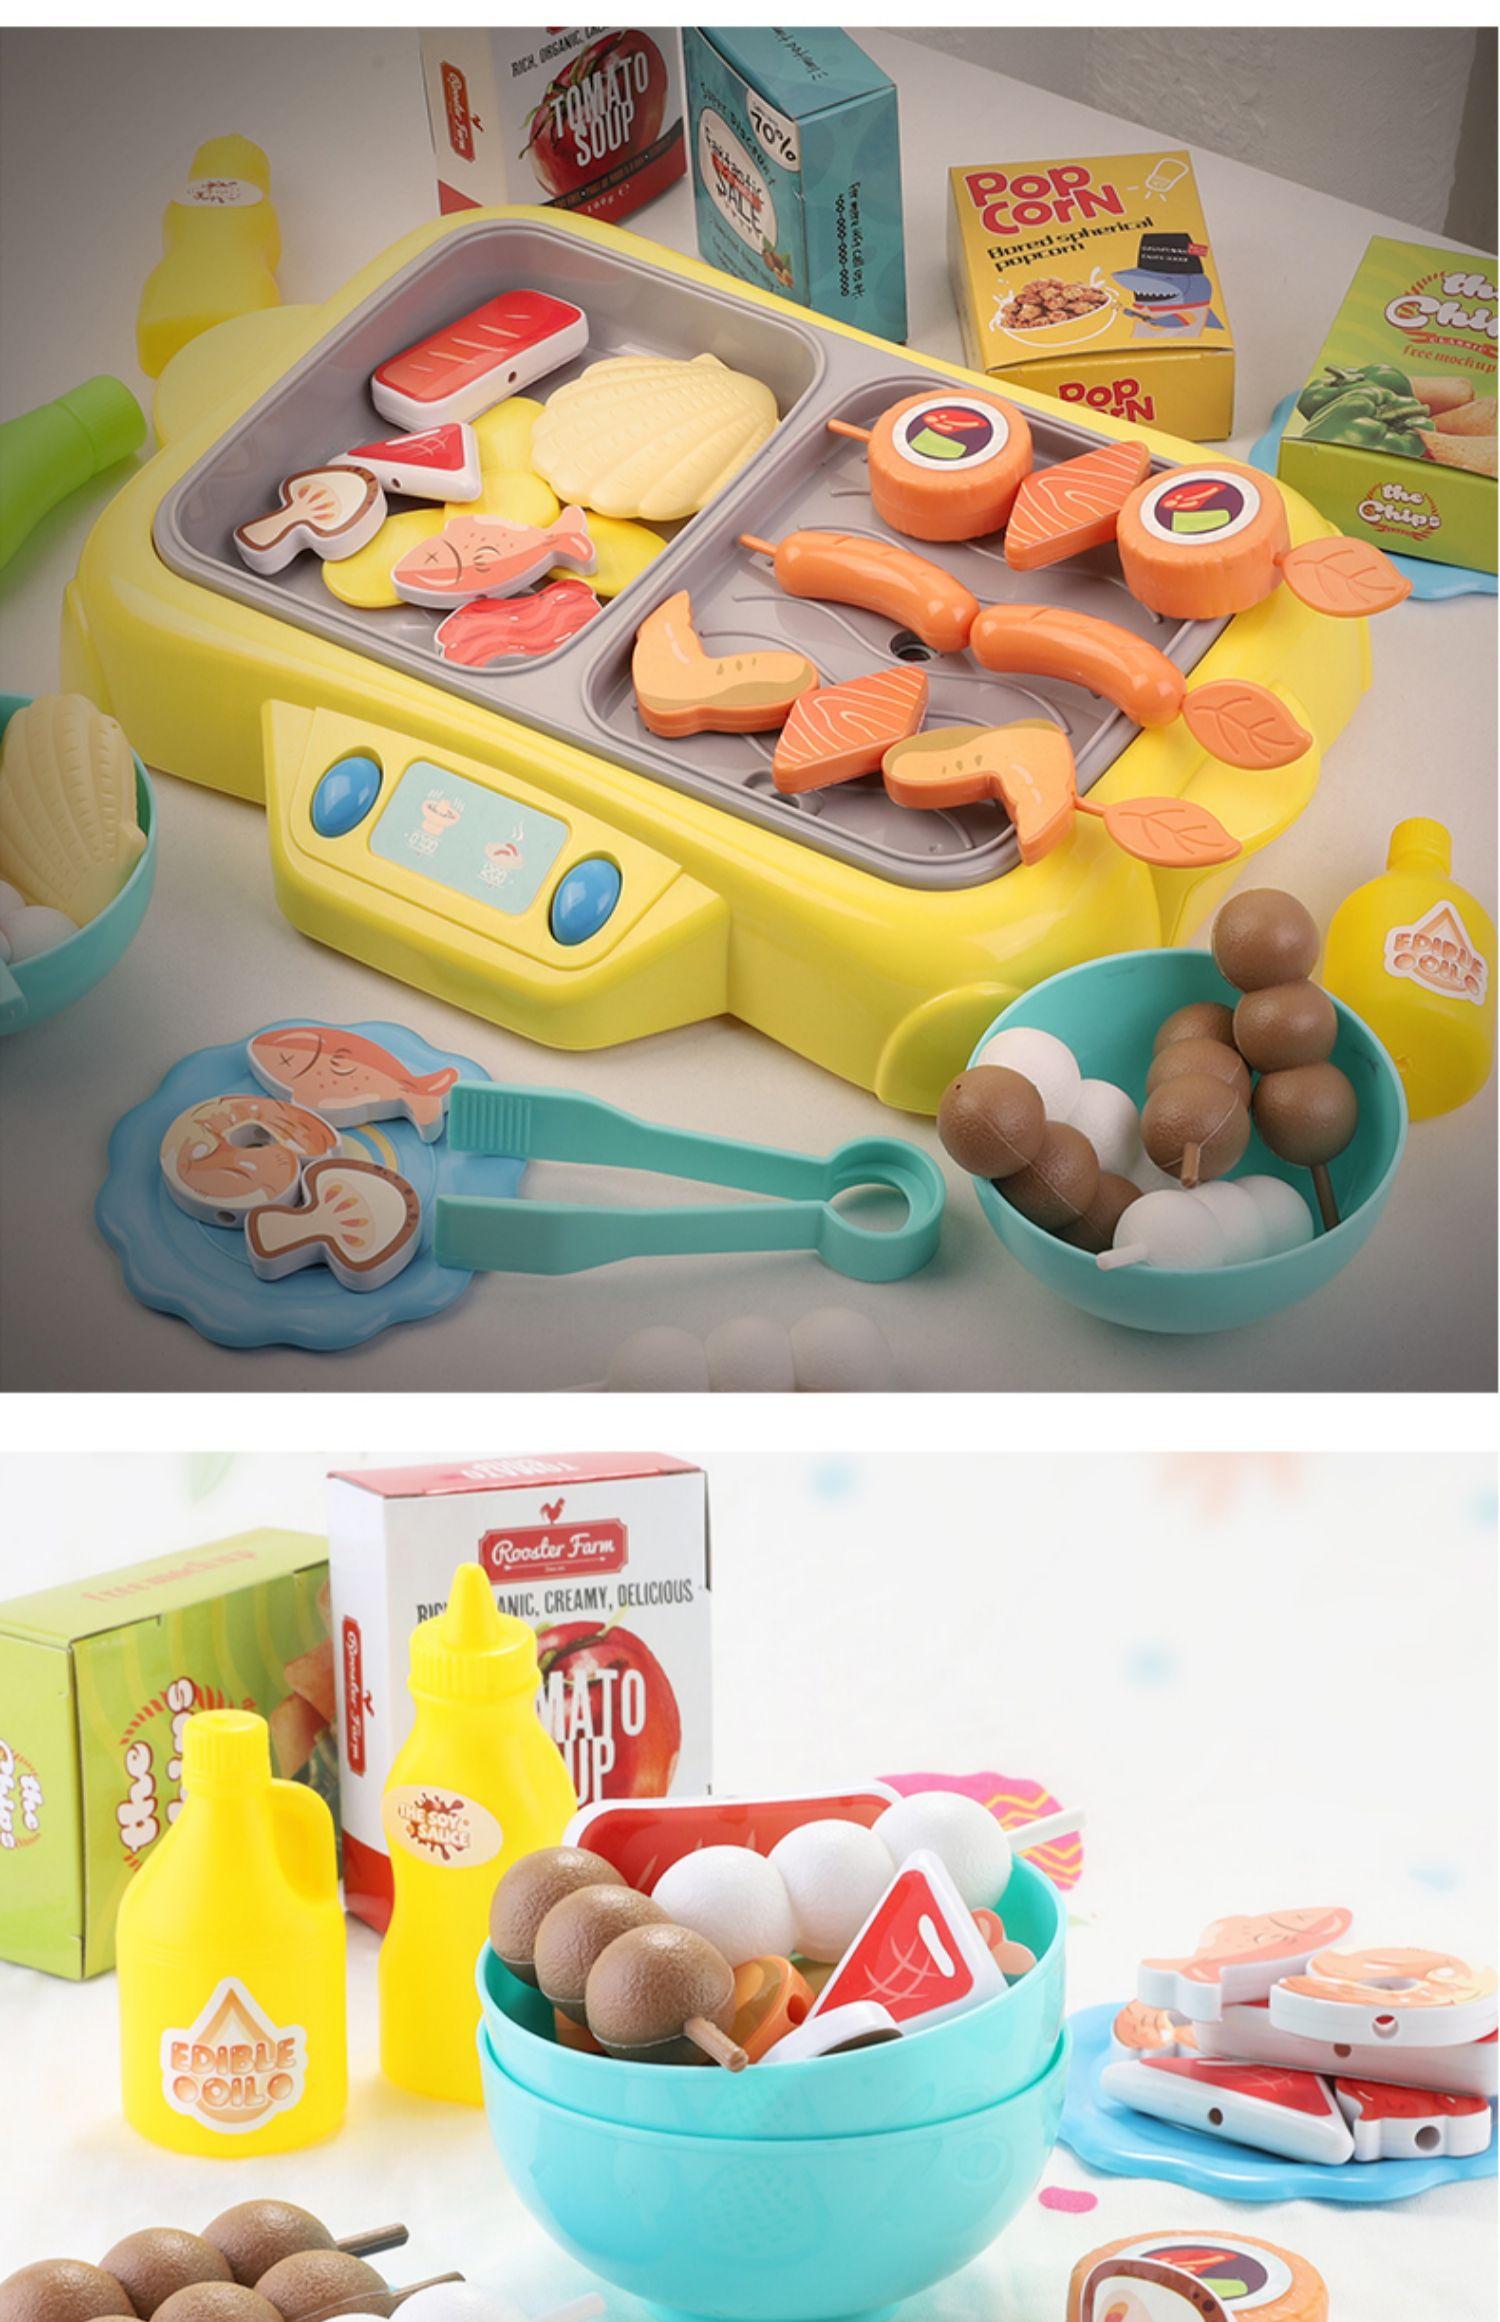 儿童工具箱玩具男孩子男宝宝益智1-2-3-4-5-6-7-8岁小孩生日礼物商品详情图